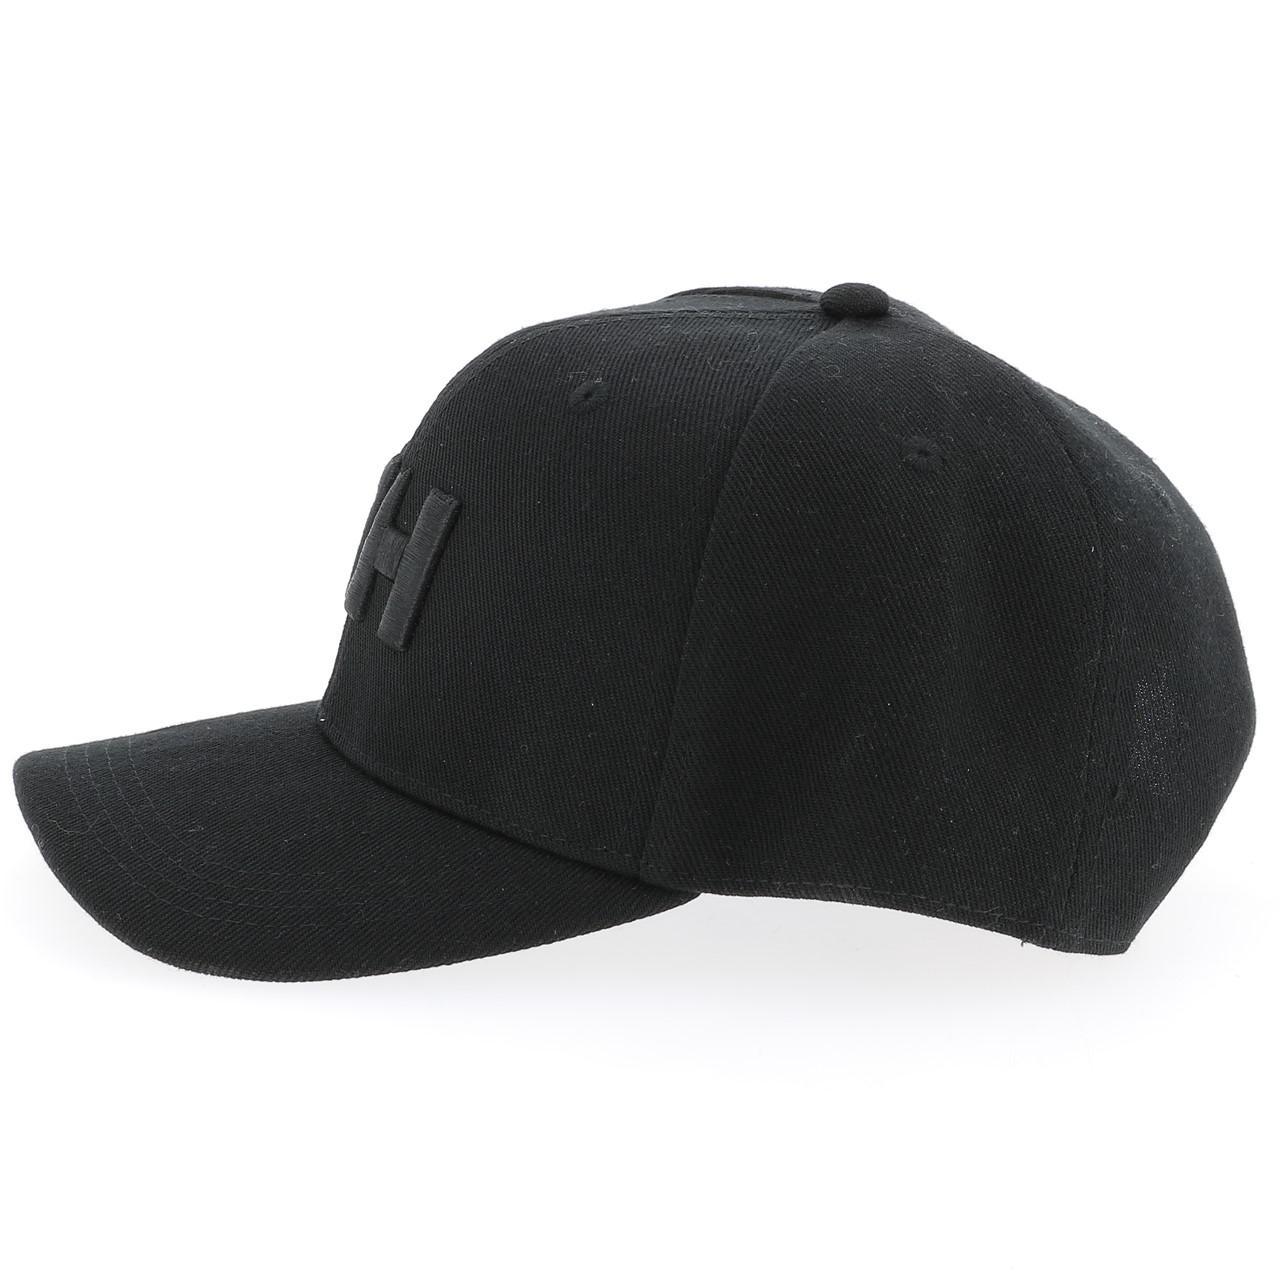 53e3fd0eef174 Casquette Helly hansen h.h. Hh brand cap black Noir 16282 - Neuf